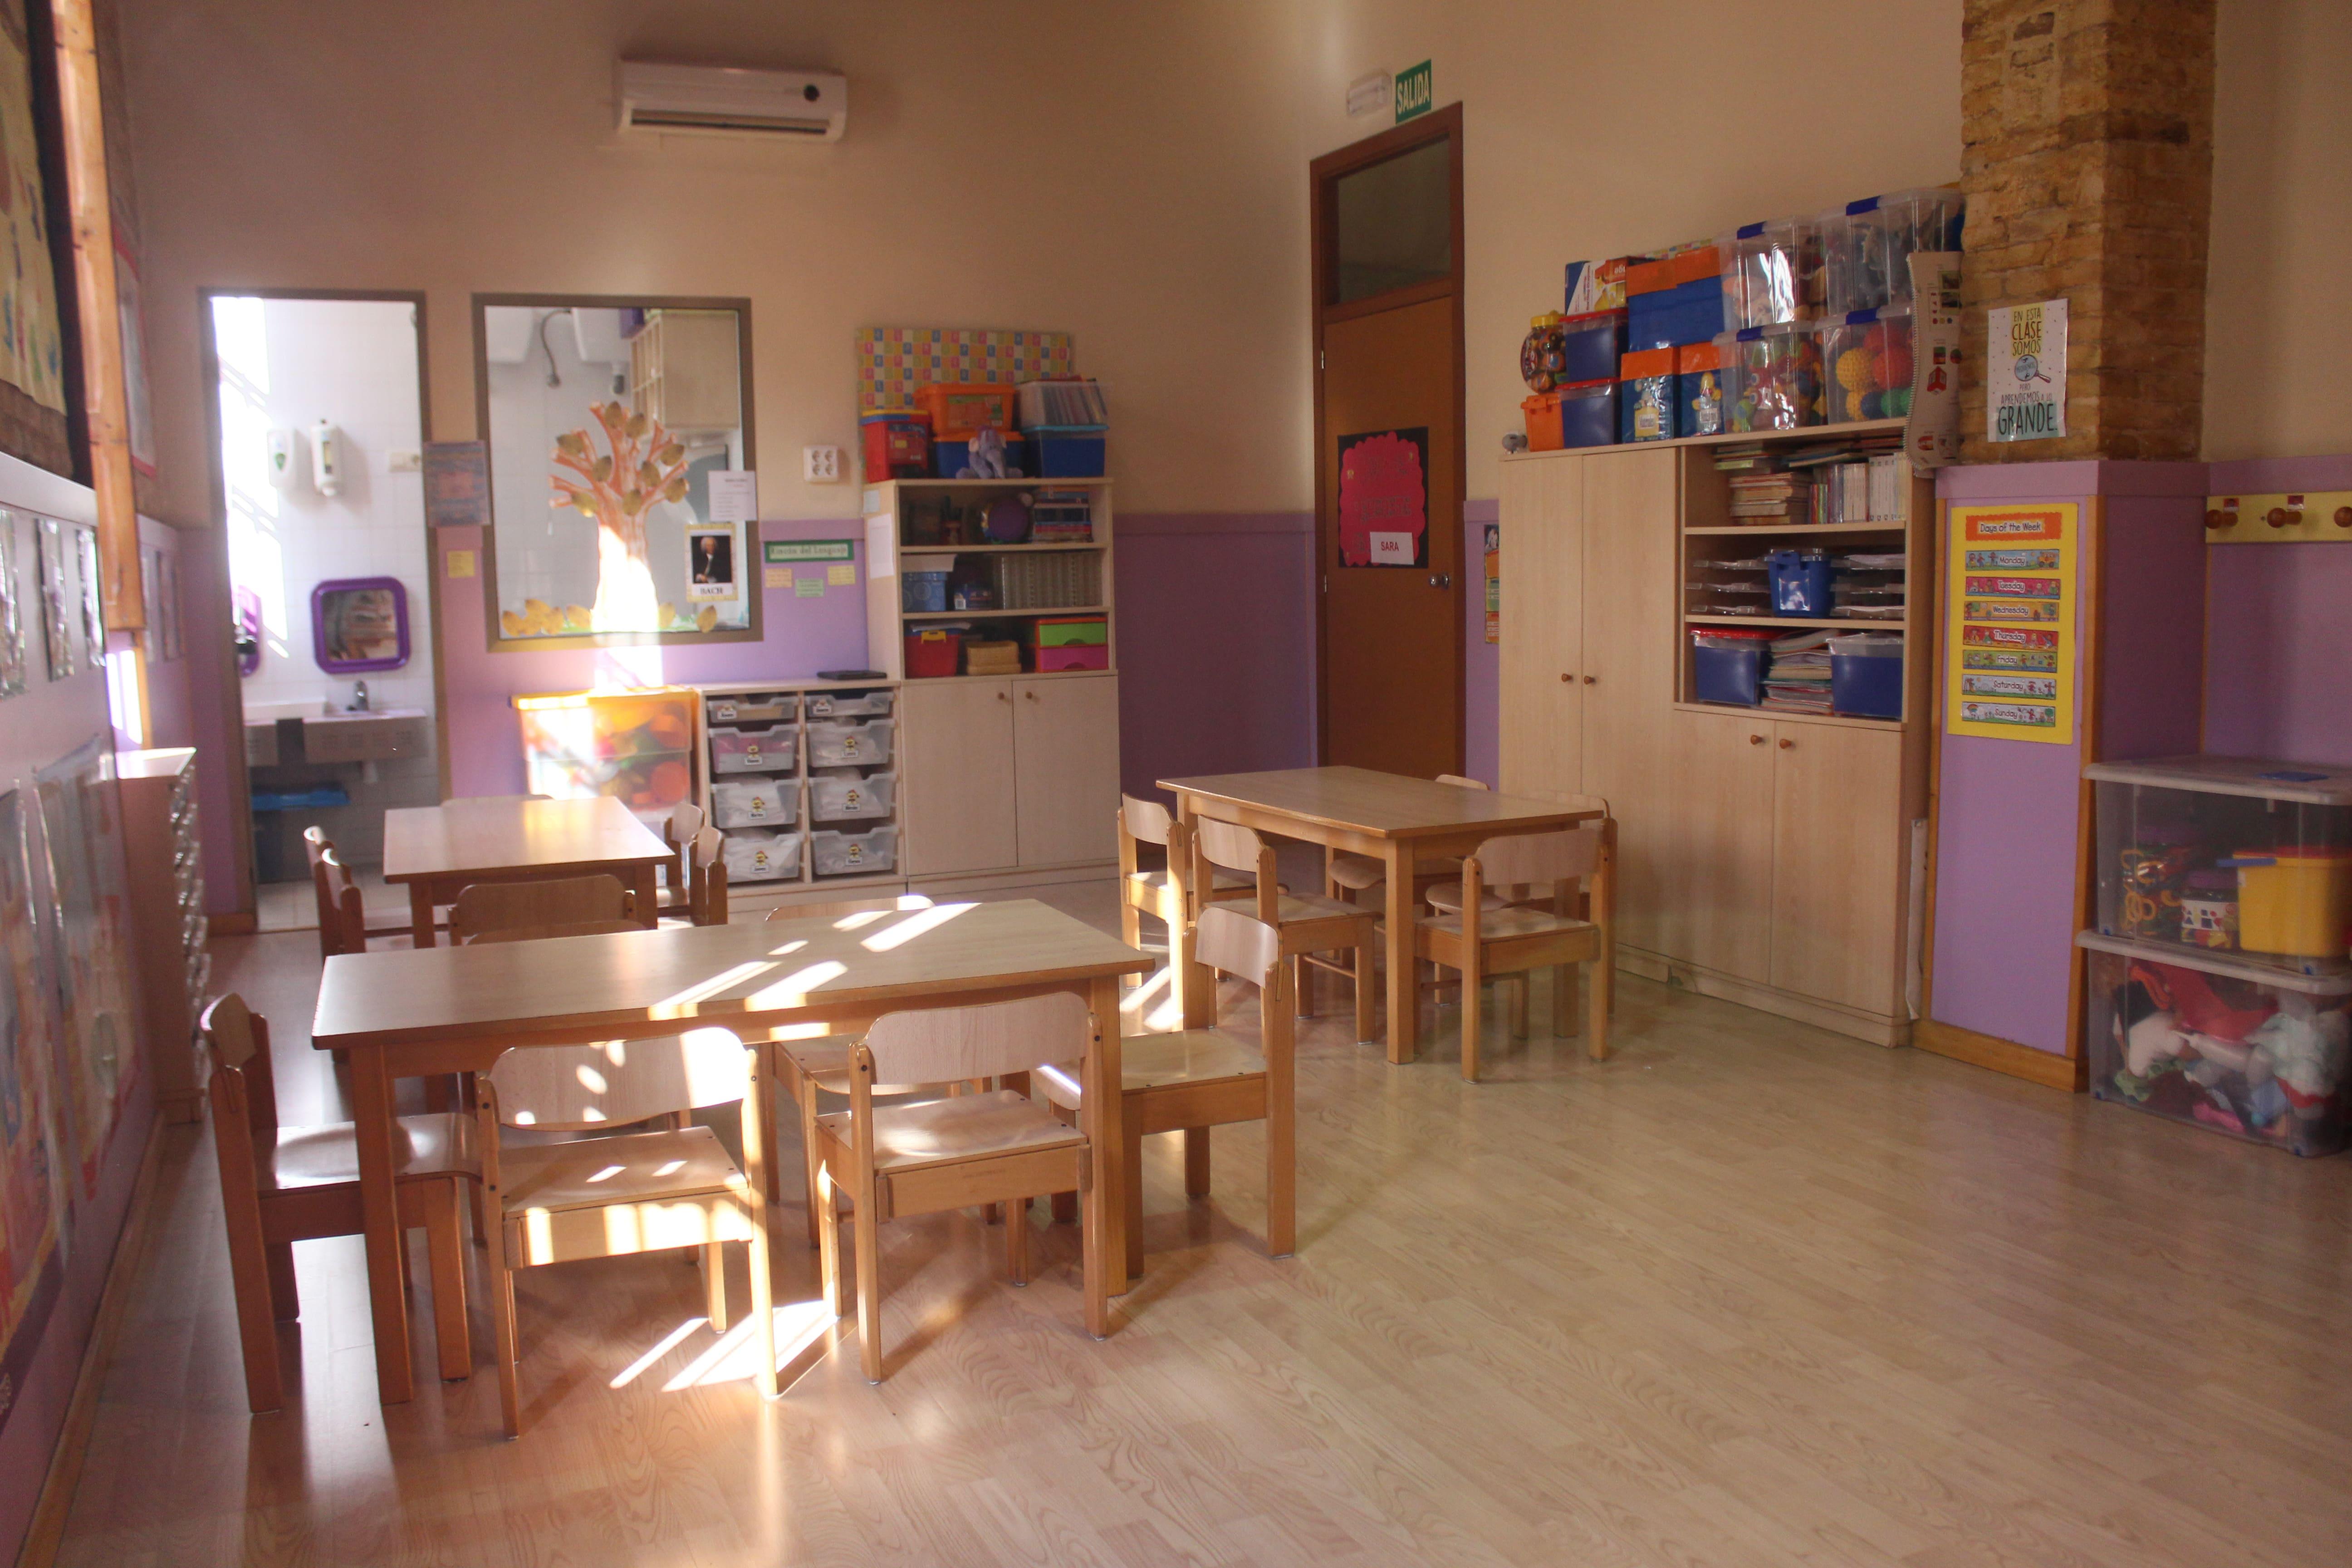 escuela infantil bilingüe en Valencia - clase desde otra perspectiva